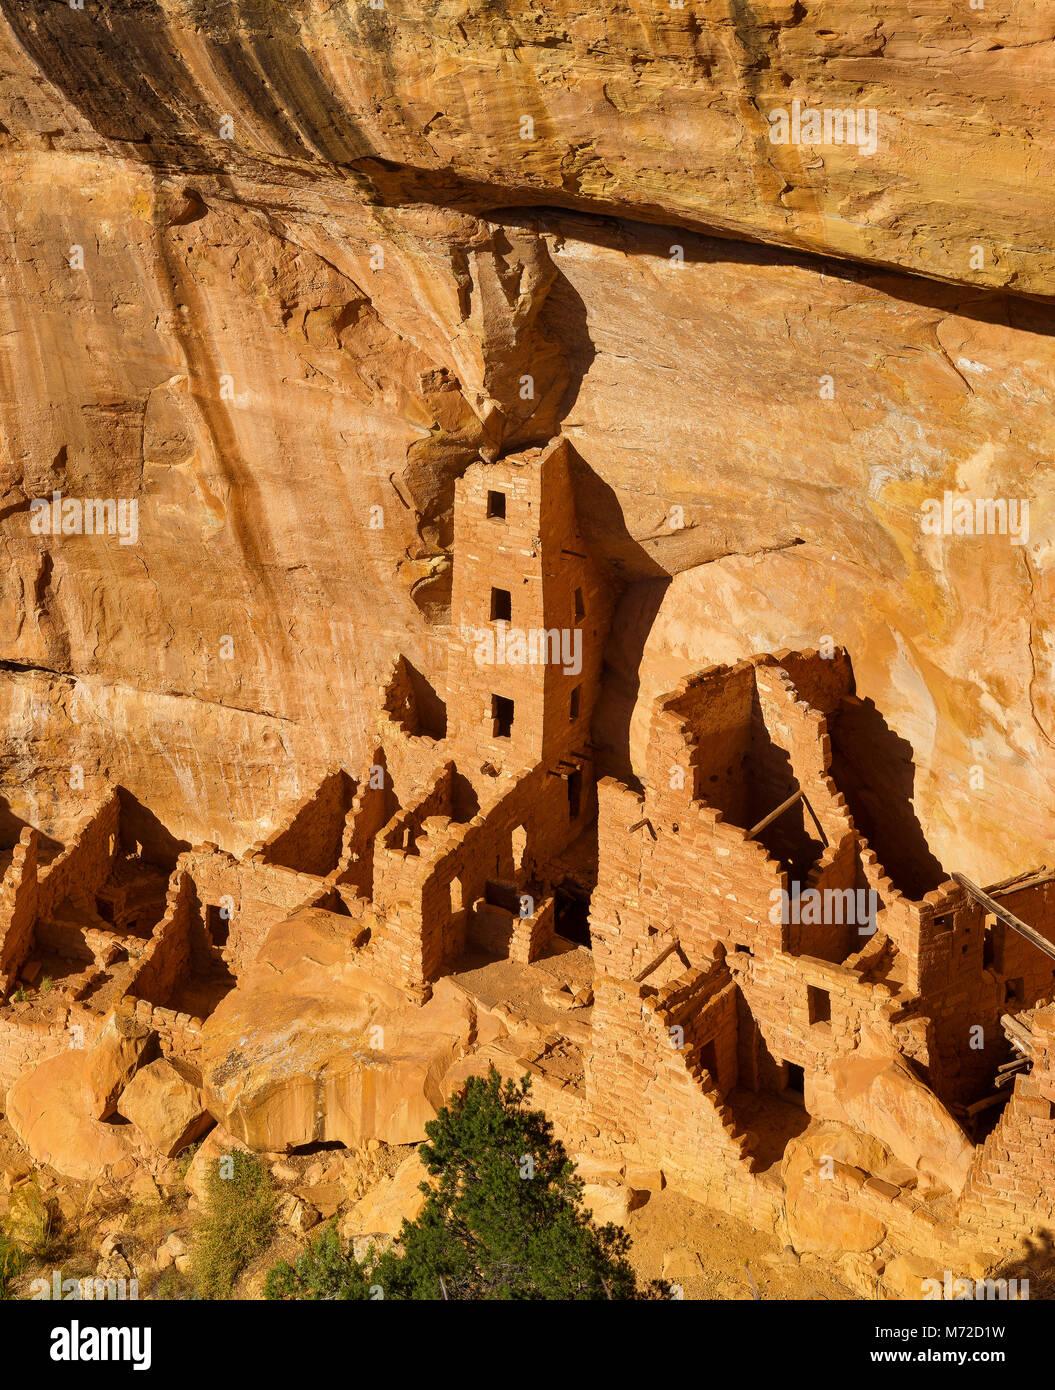 Casa Torre cuadrada a la ruina, el Parque Nacional Mesa Verde, Ute Indian Reservation, Montezuma County, Colorado Imagen De Stock